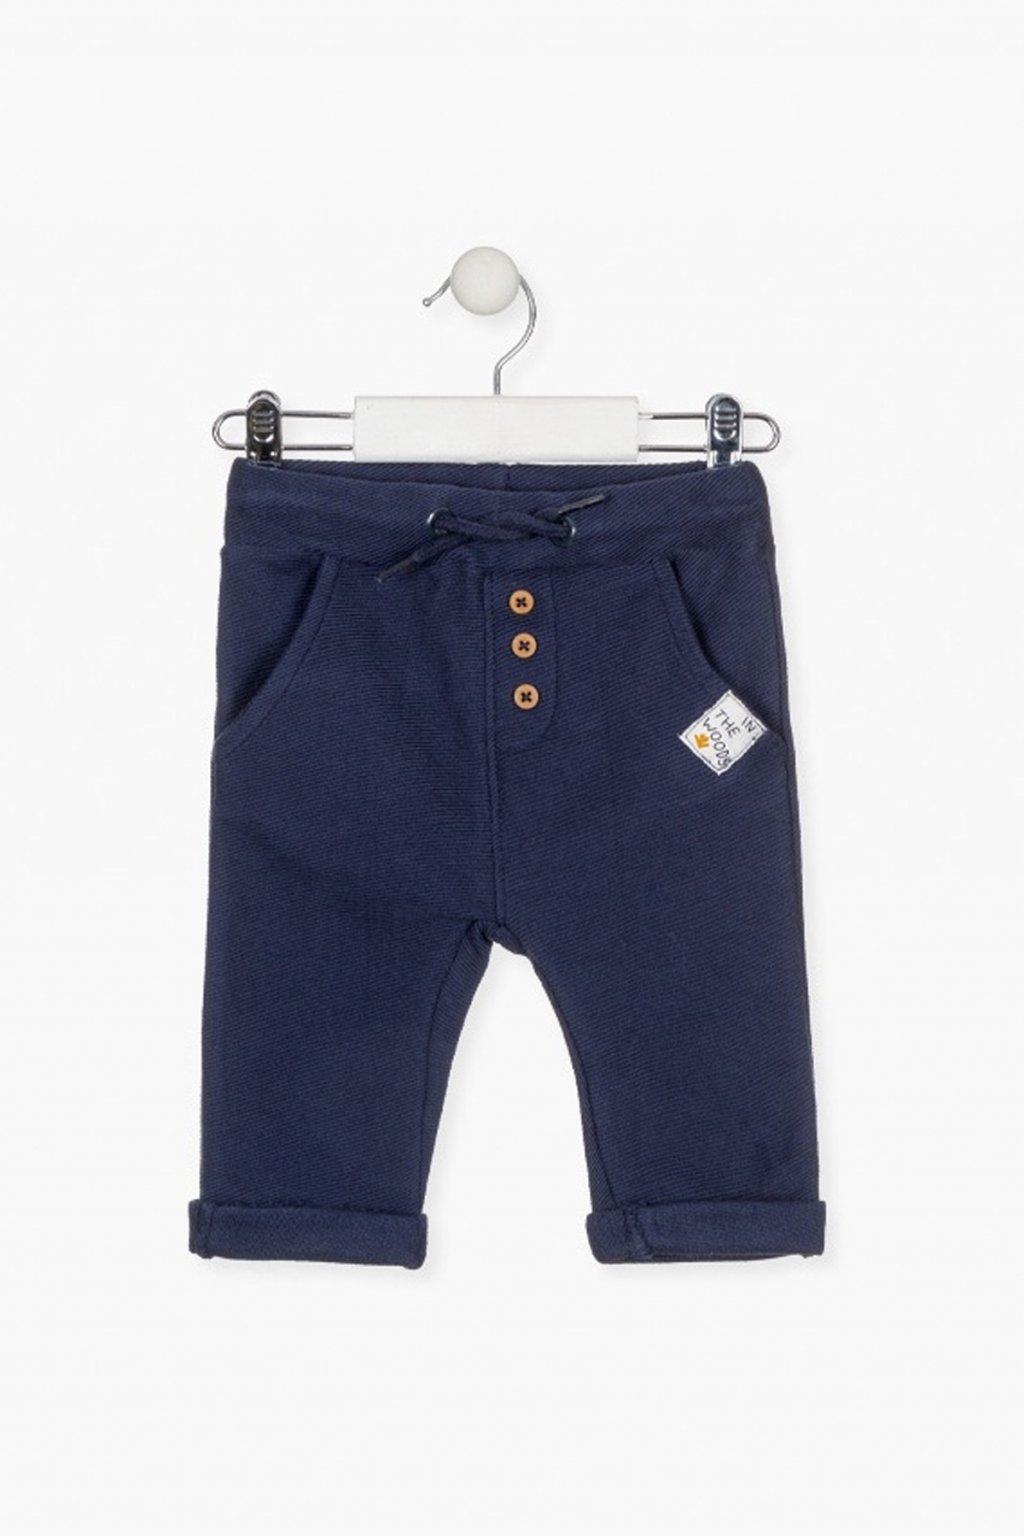 LOSAN - Bavlněné kalhoty (Barva Tmavě modrá, Velikost 92)